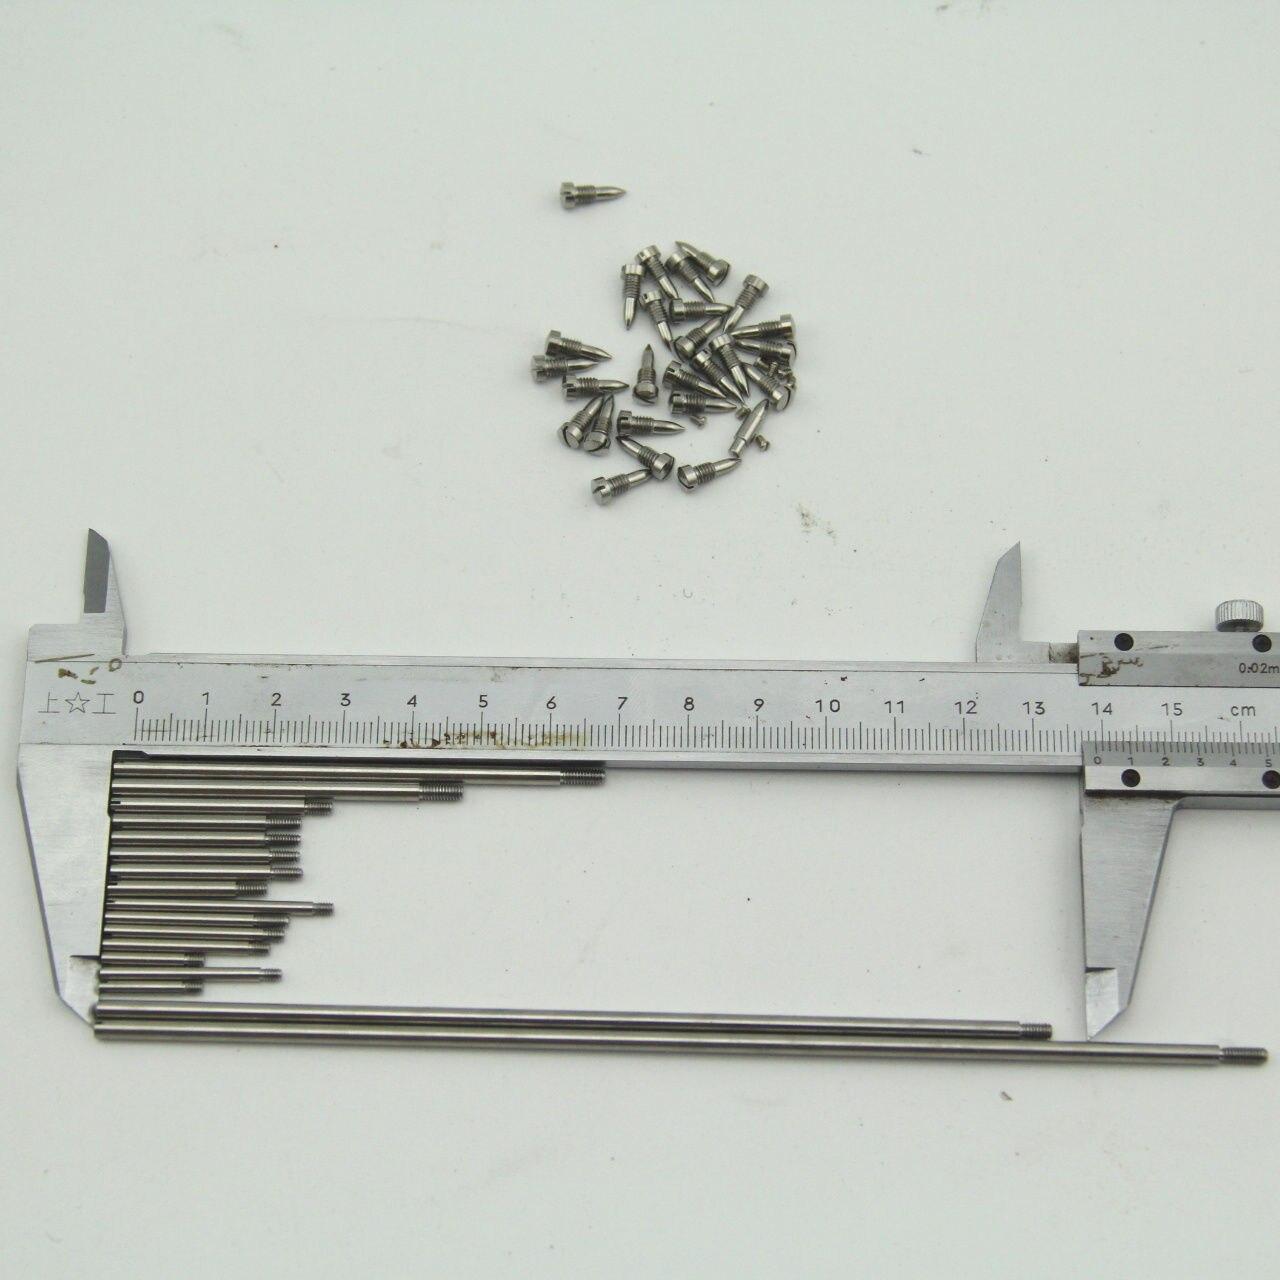 10 set New Alto sax repair parts screws,parts sax screws10 set New Alto sax repair parts screws,parts sax screws